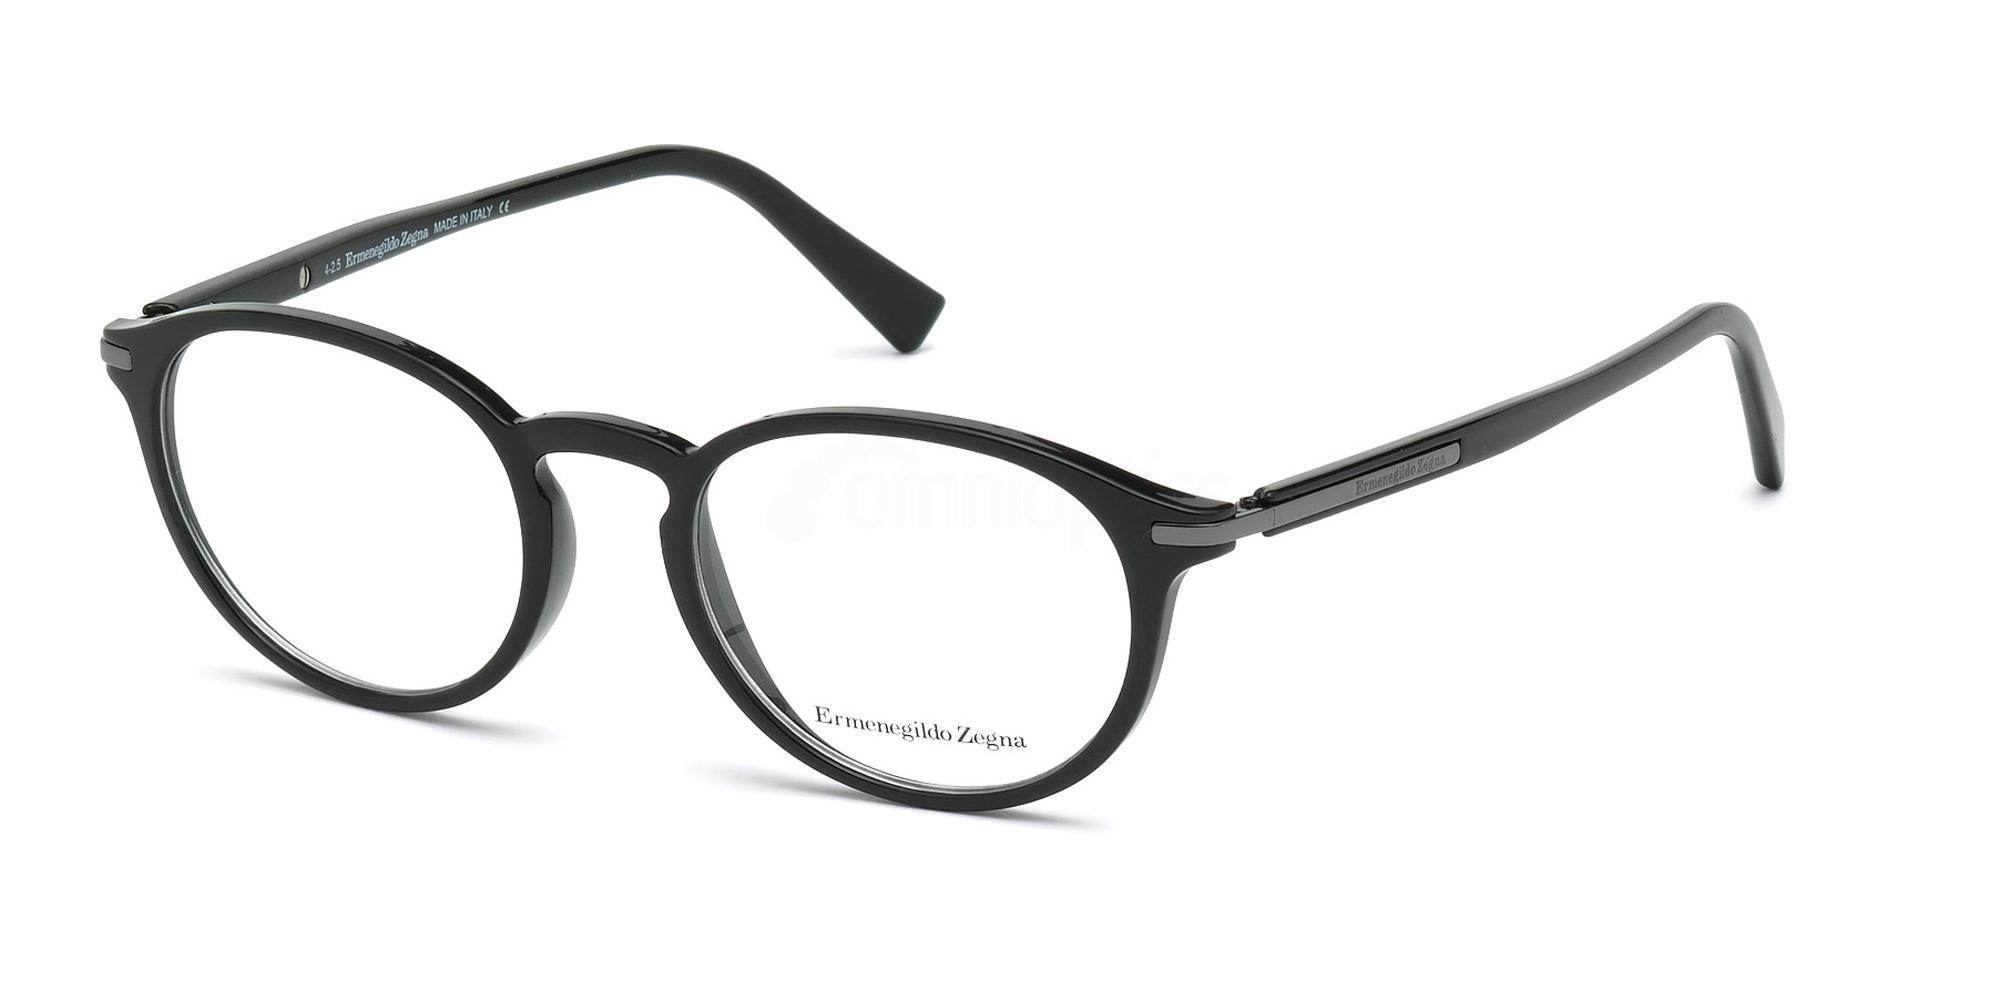 001 EZ5042 Glasses, Ermenegildo Zegna